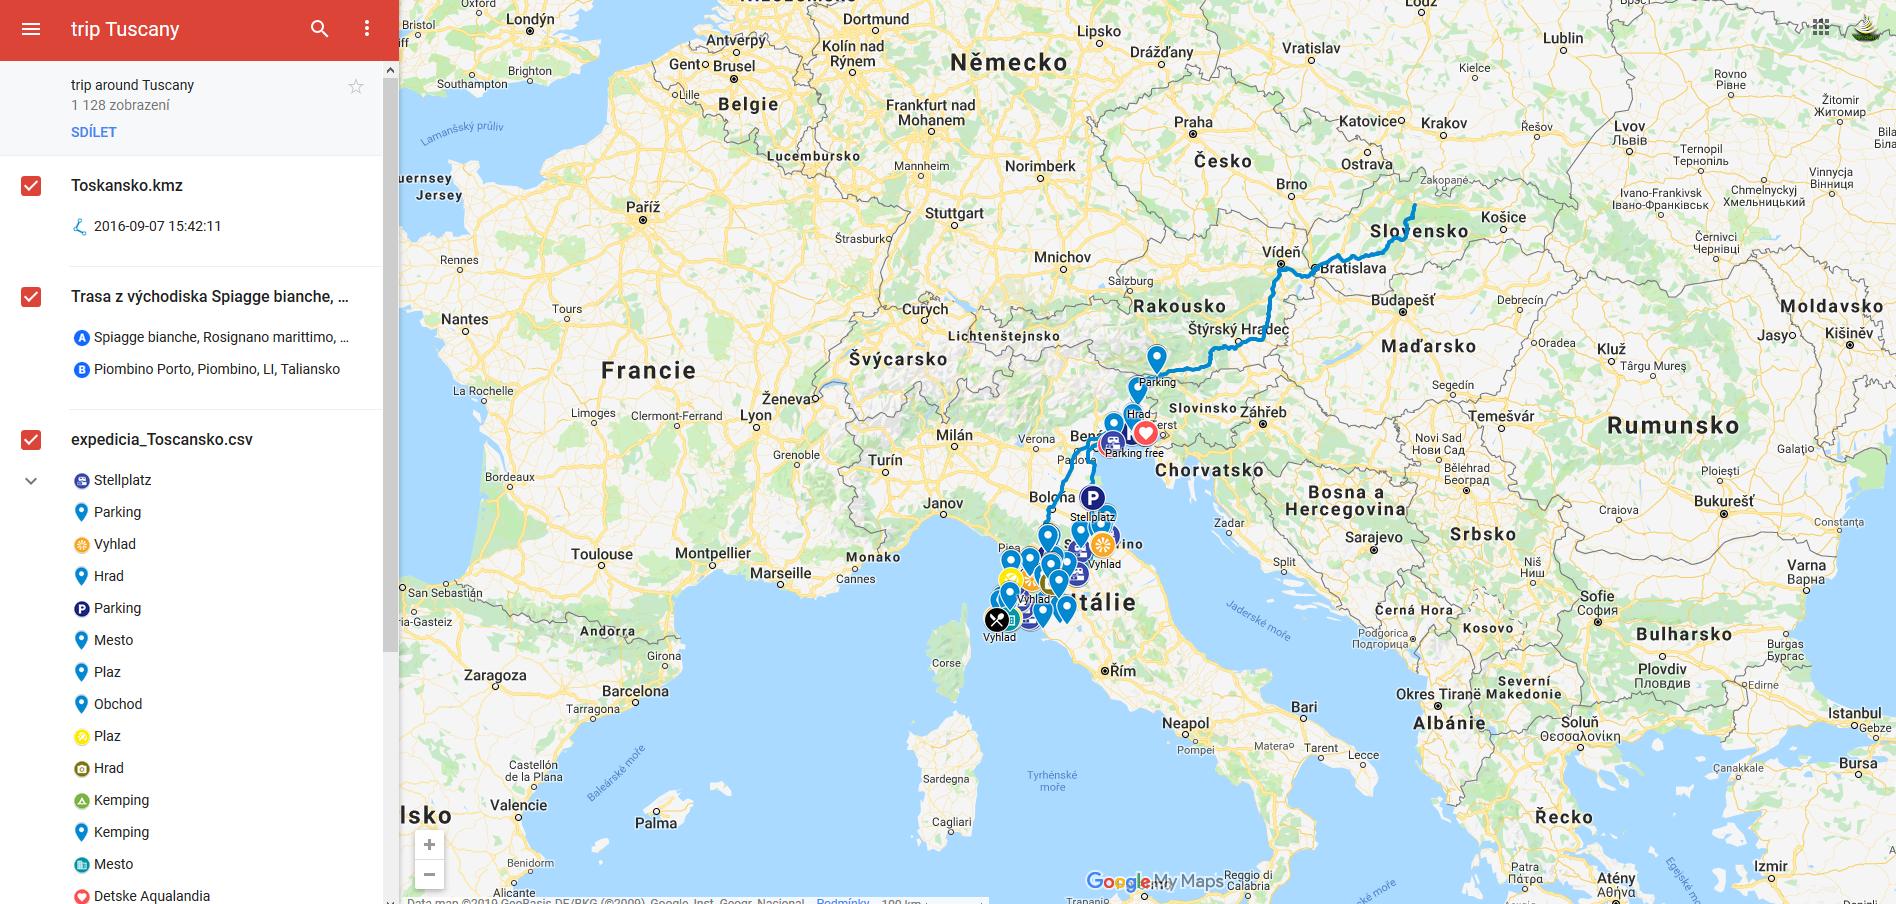 https://www.kempy-chaty.cz/sites/default/files/turistika/mapa_slovensko_italie-toskansko.png